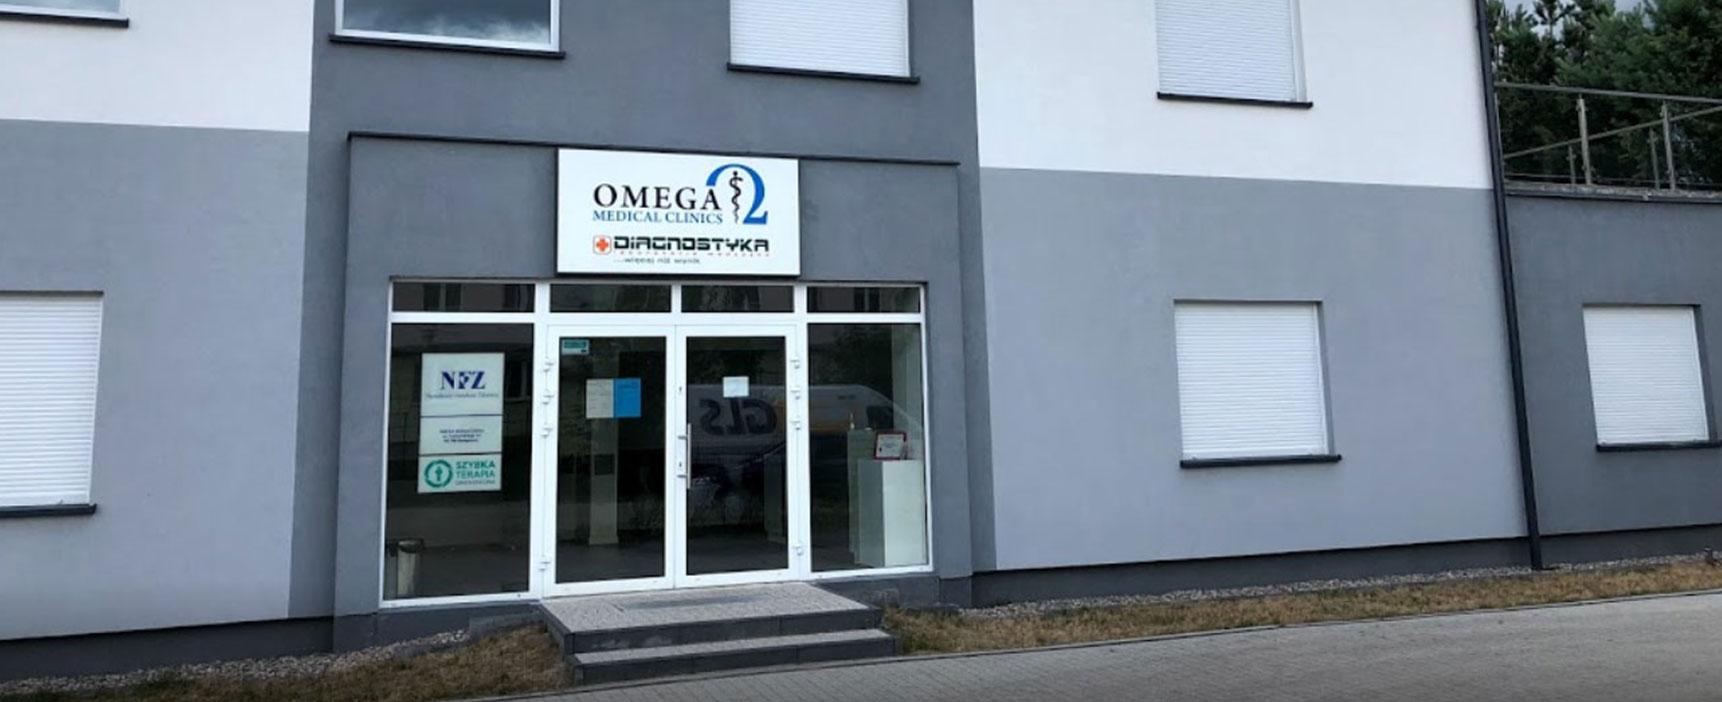 Omega Medical Clinics